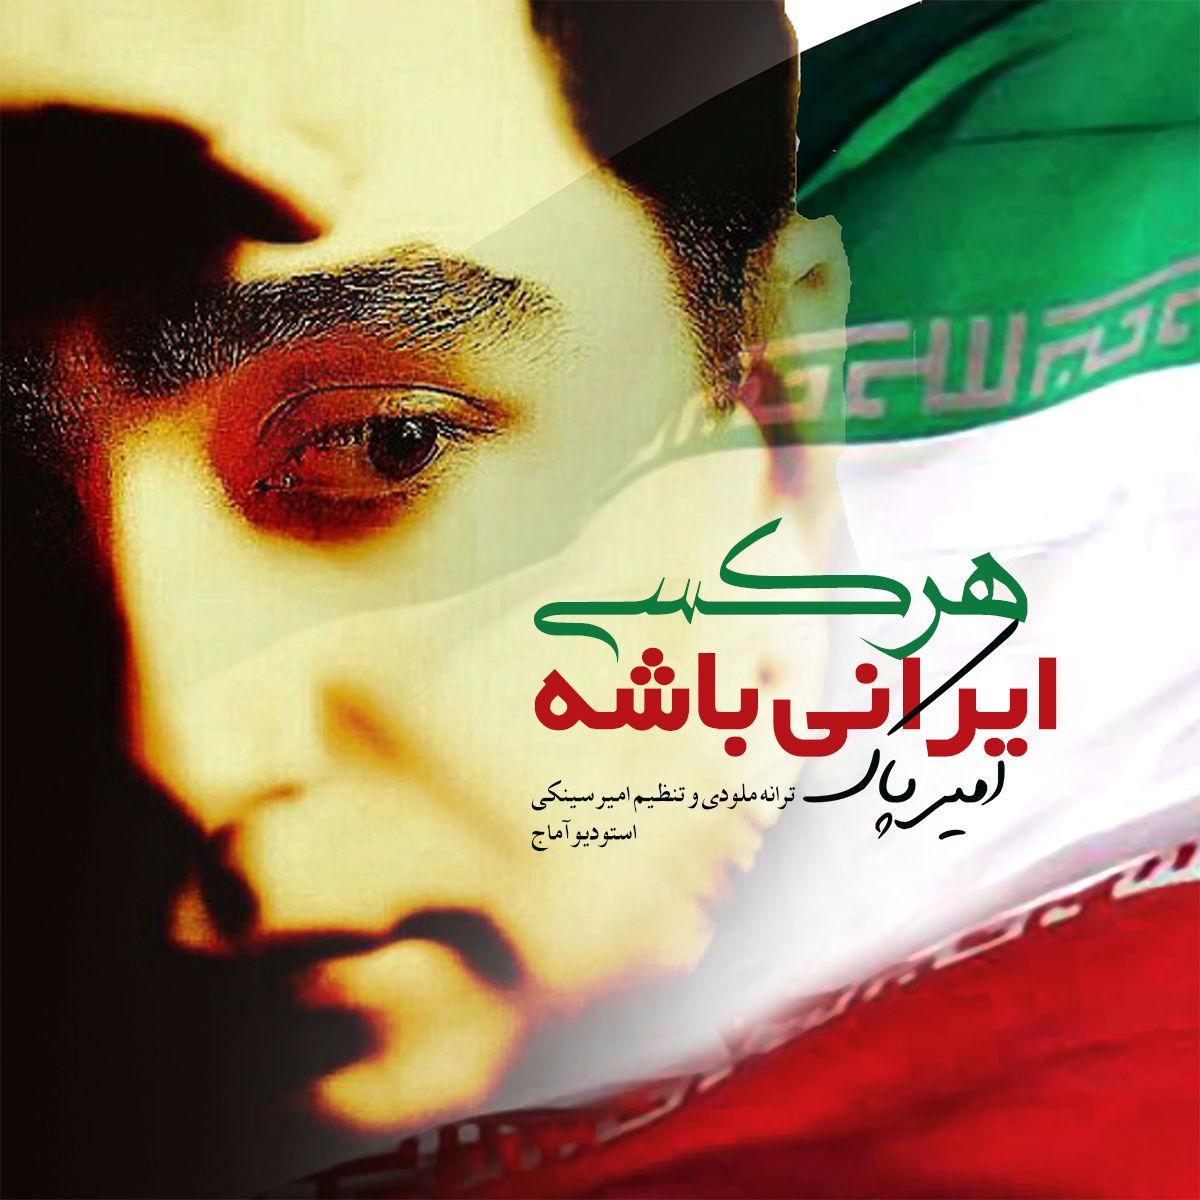 Amir Paak – Har Kasi Irani Bashe